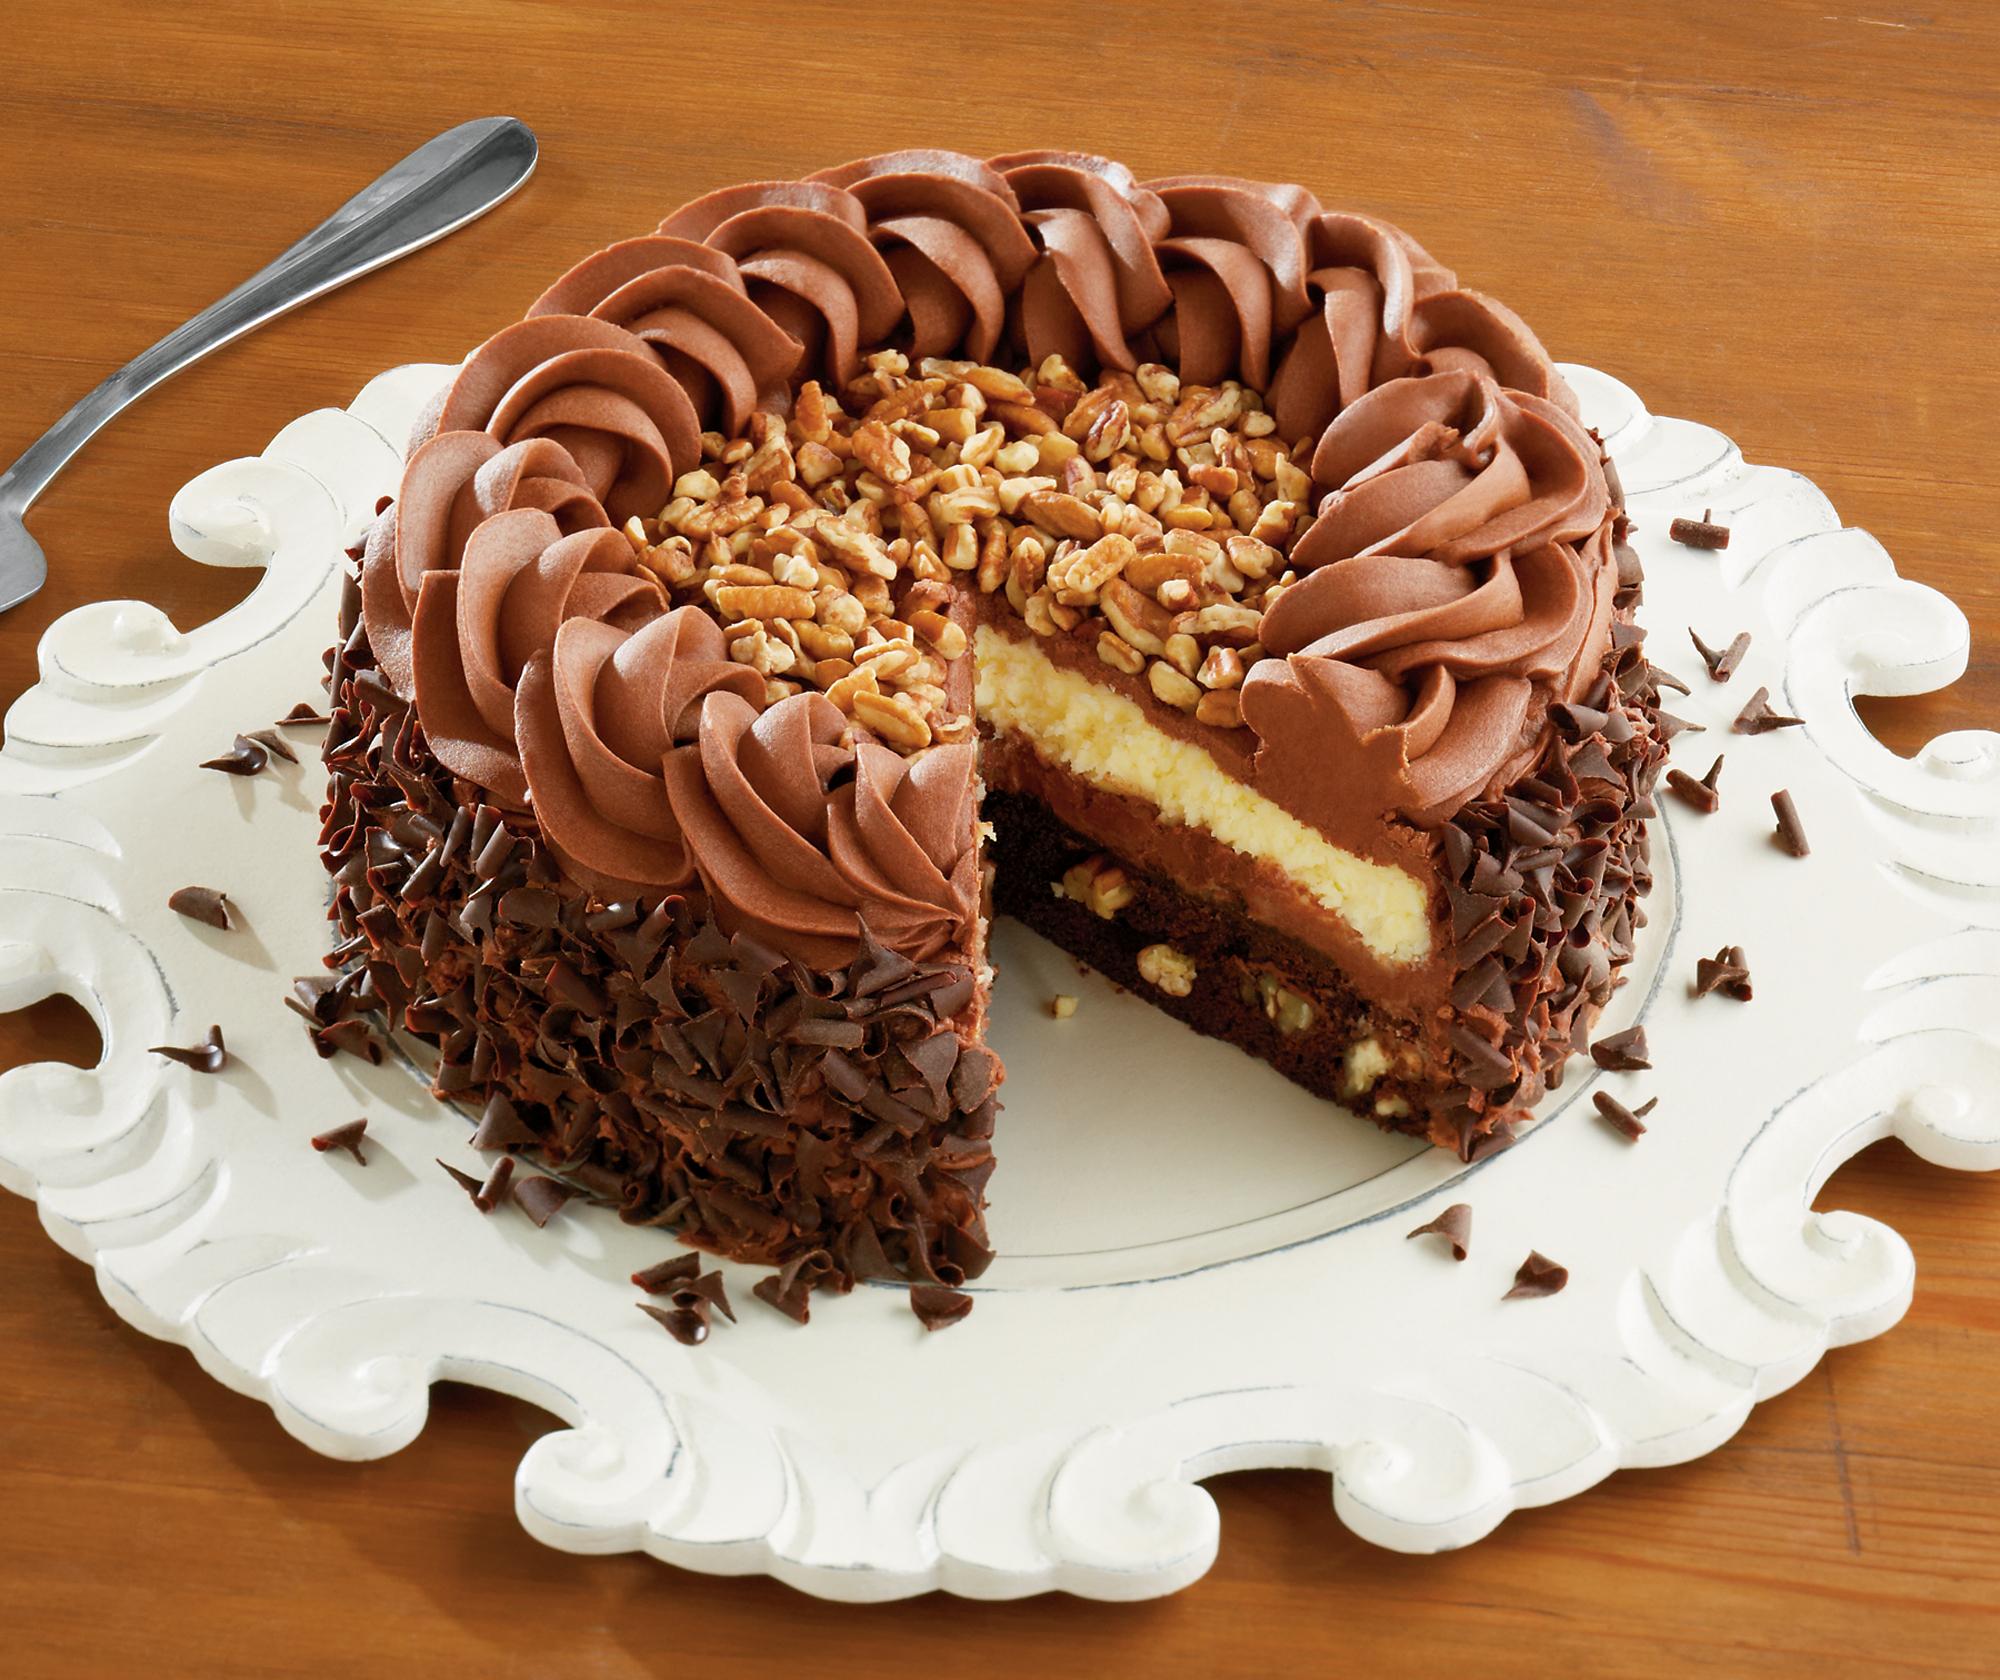 торт с шоколадом без смс